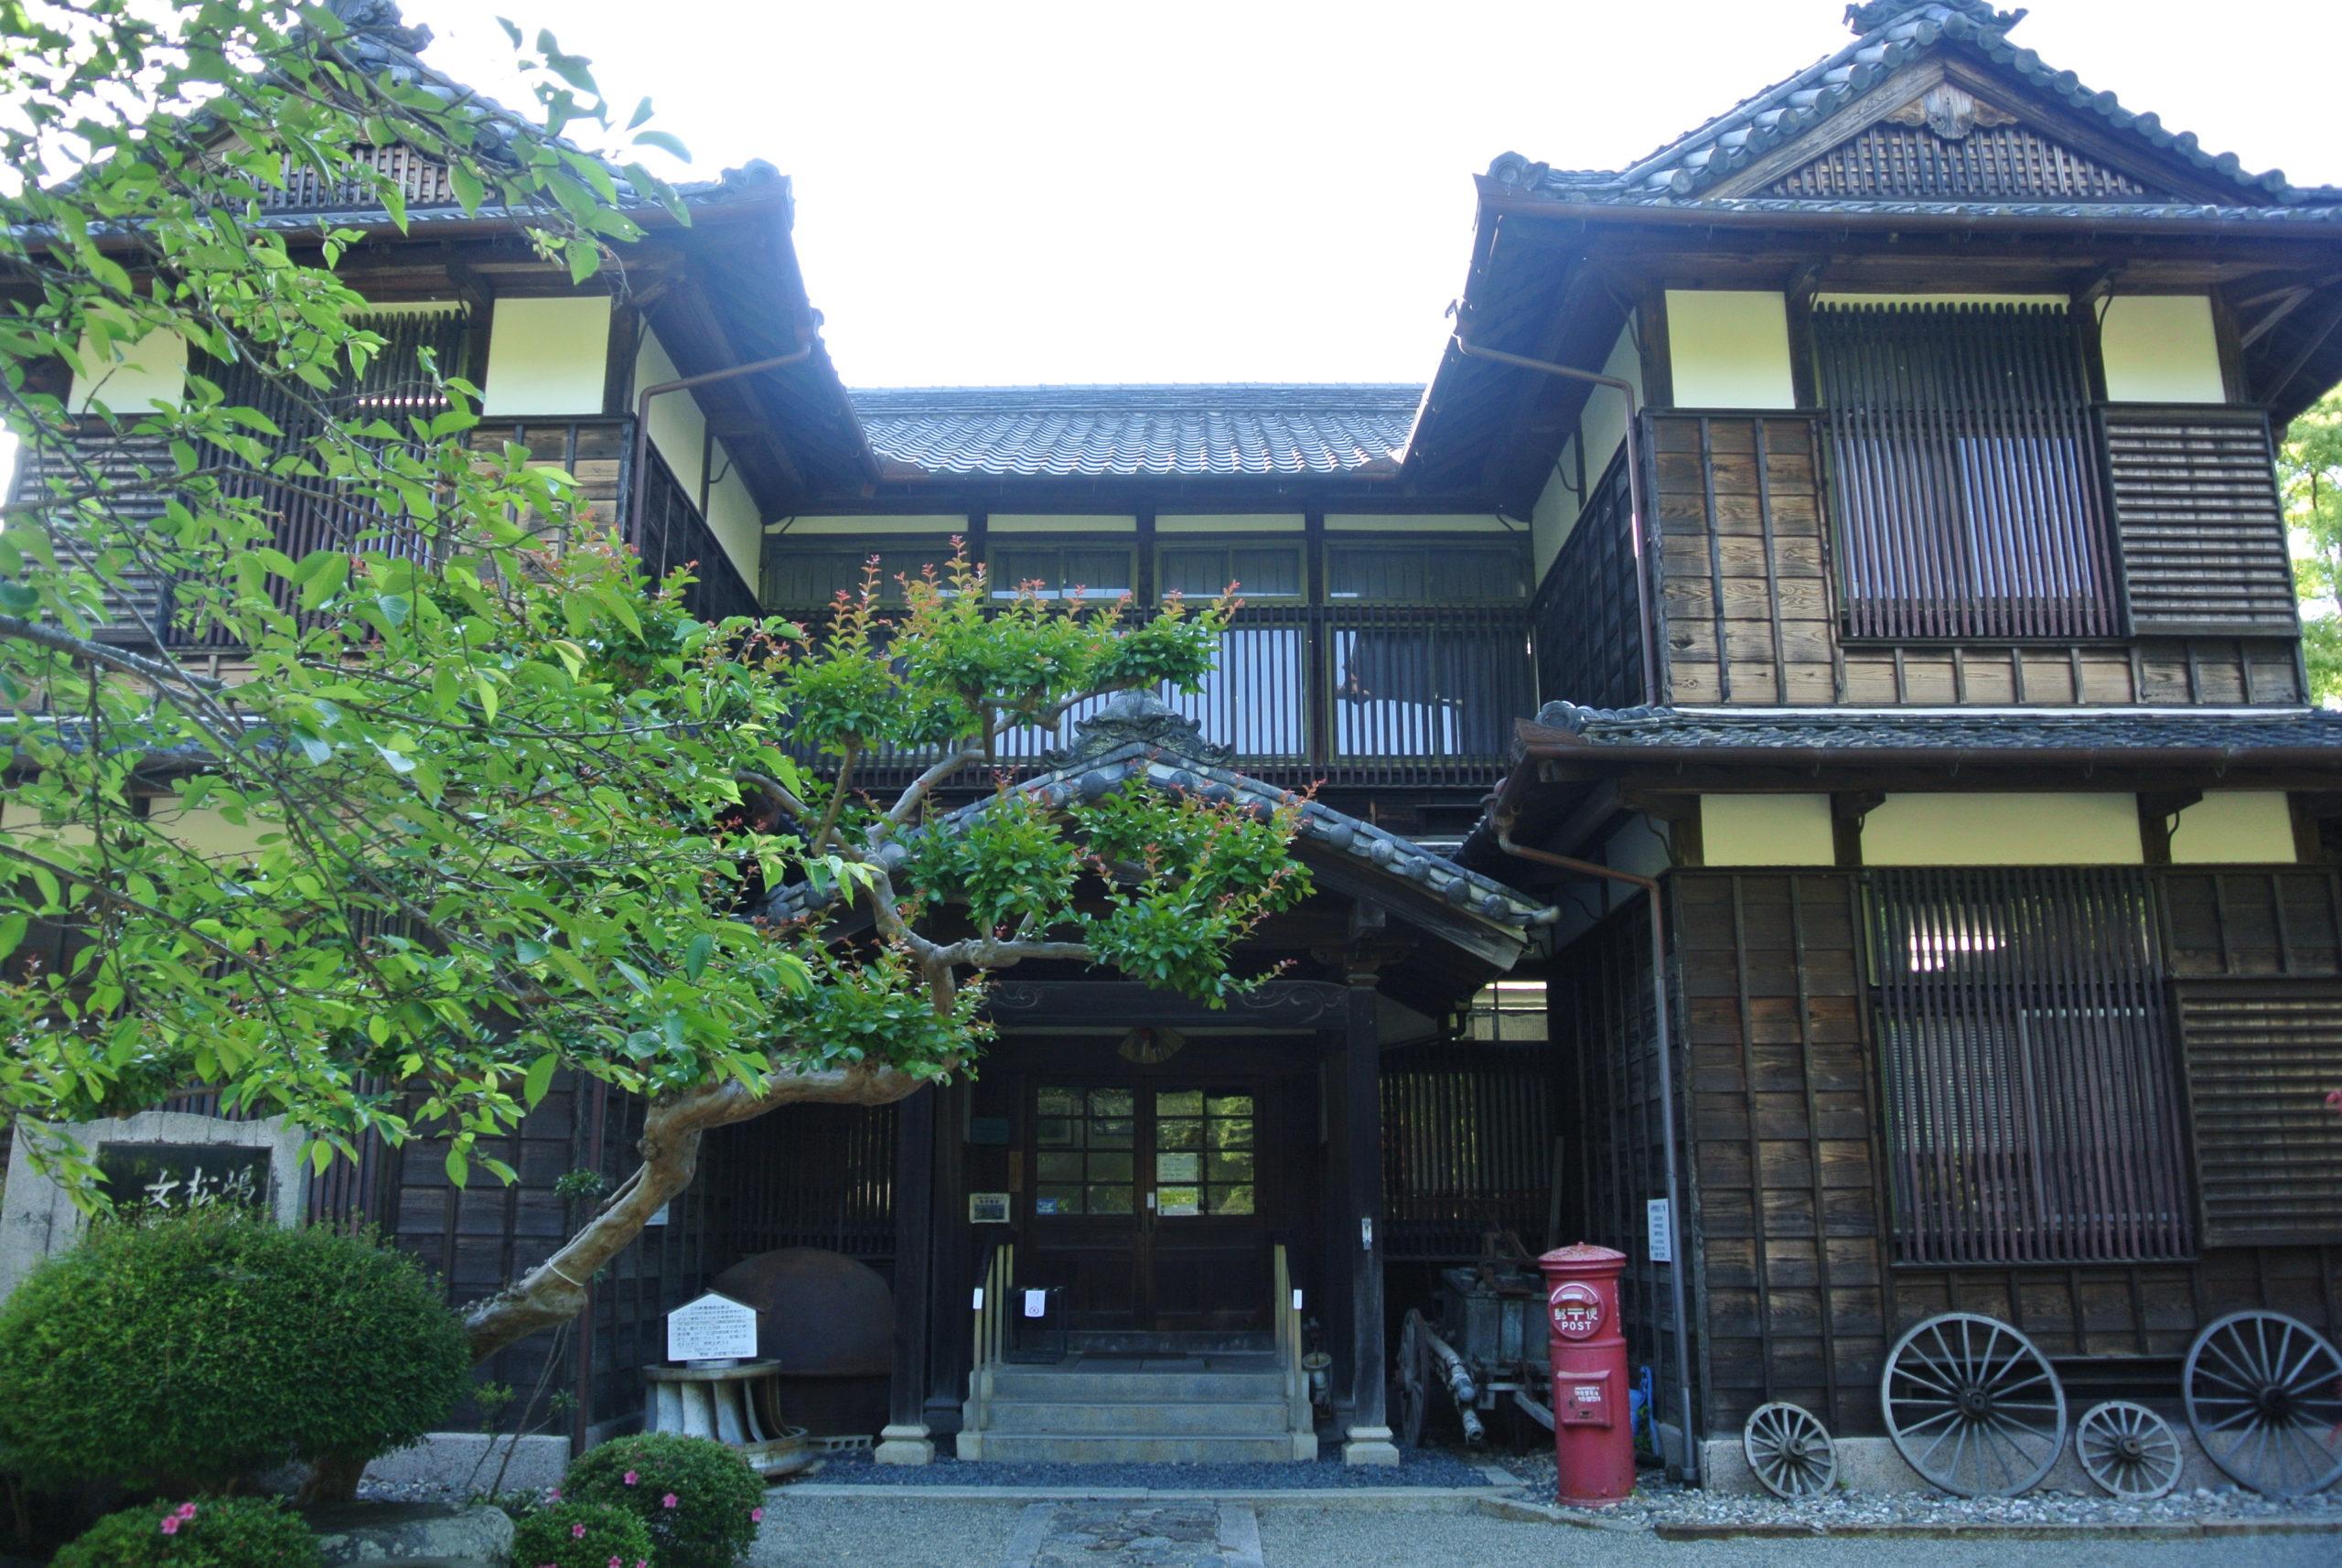 松阪市立歴史民俗資料館 展示替えに伴う臨時休館のお知らせ